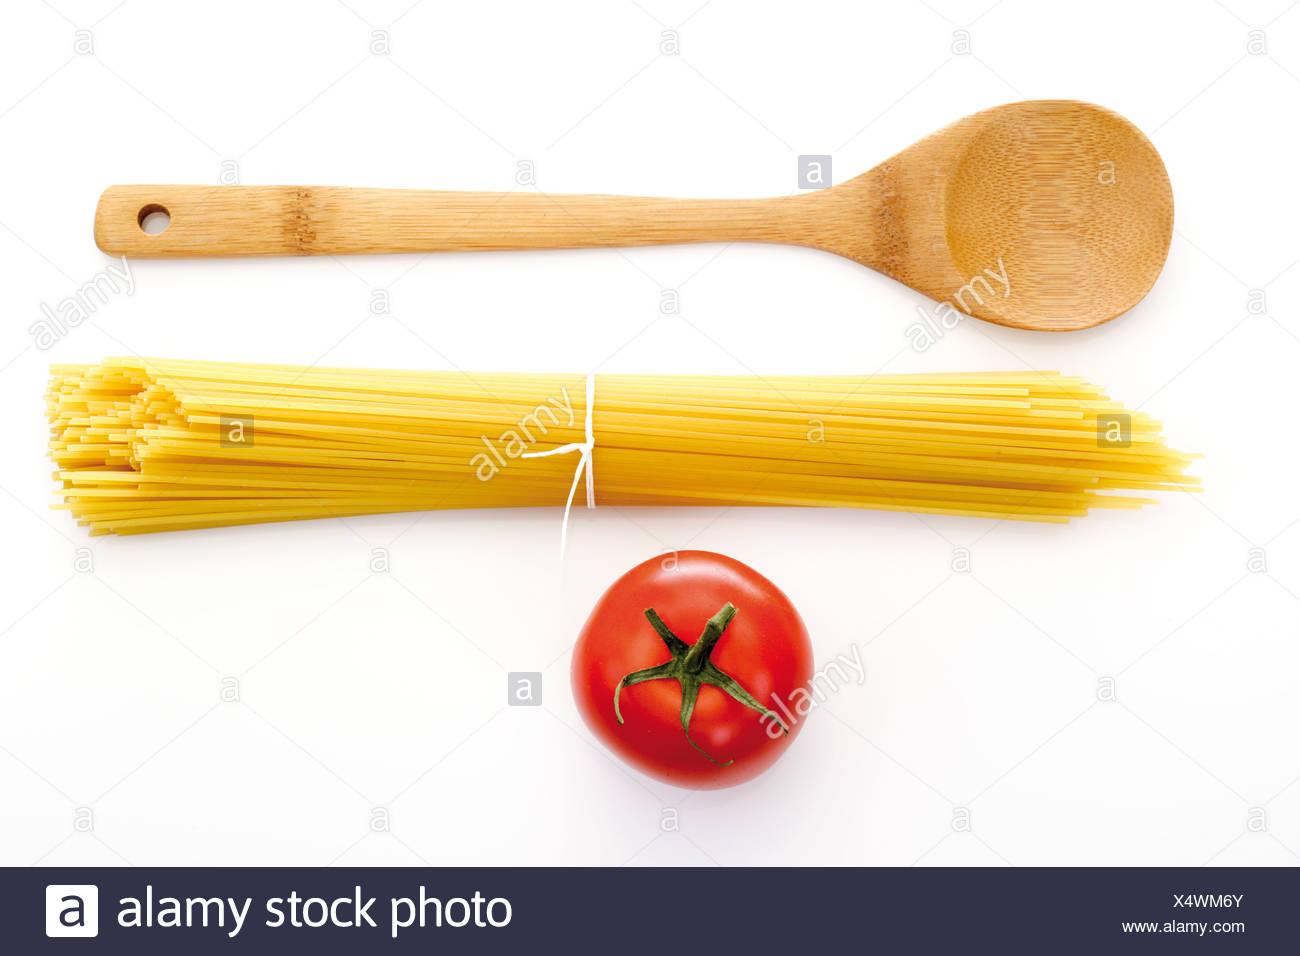 Paquet de spaghetti, cuillère en bois et la tomate, elevated view Banque D'Images